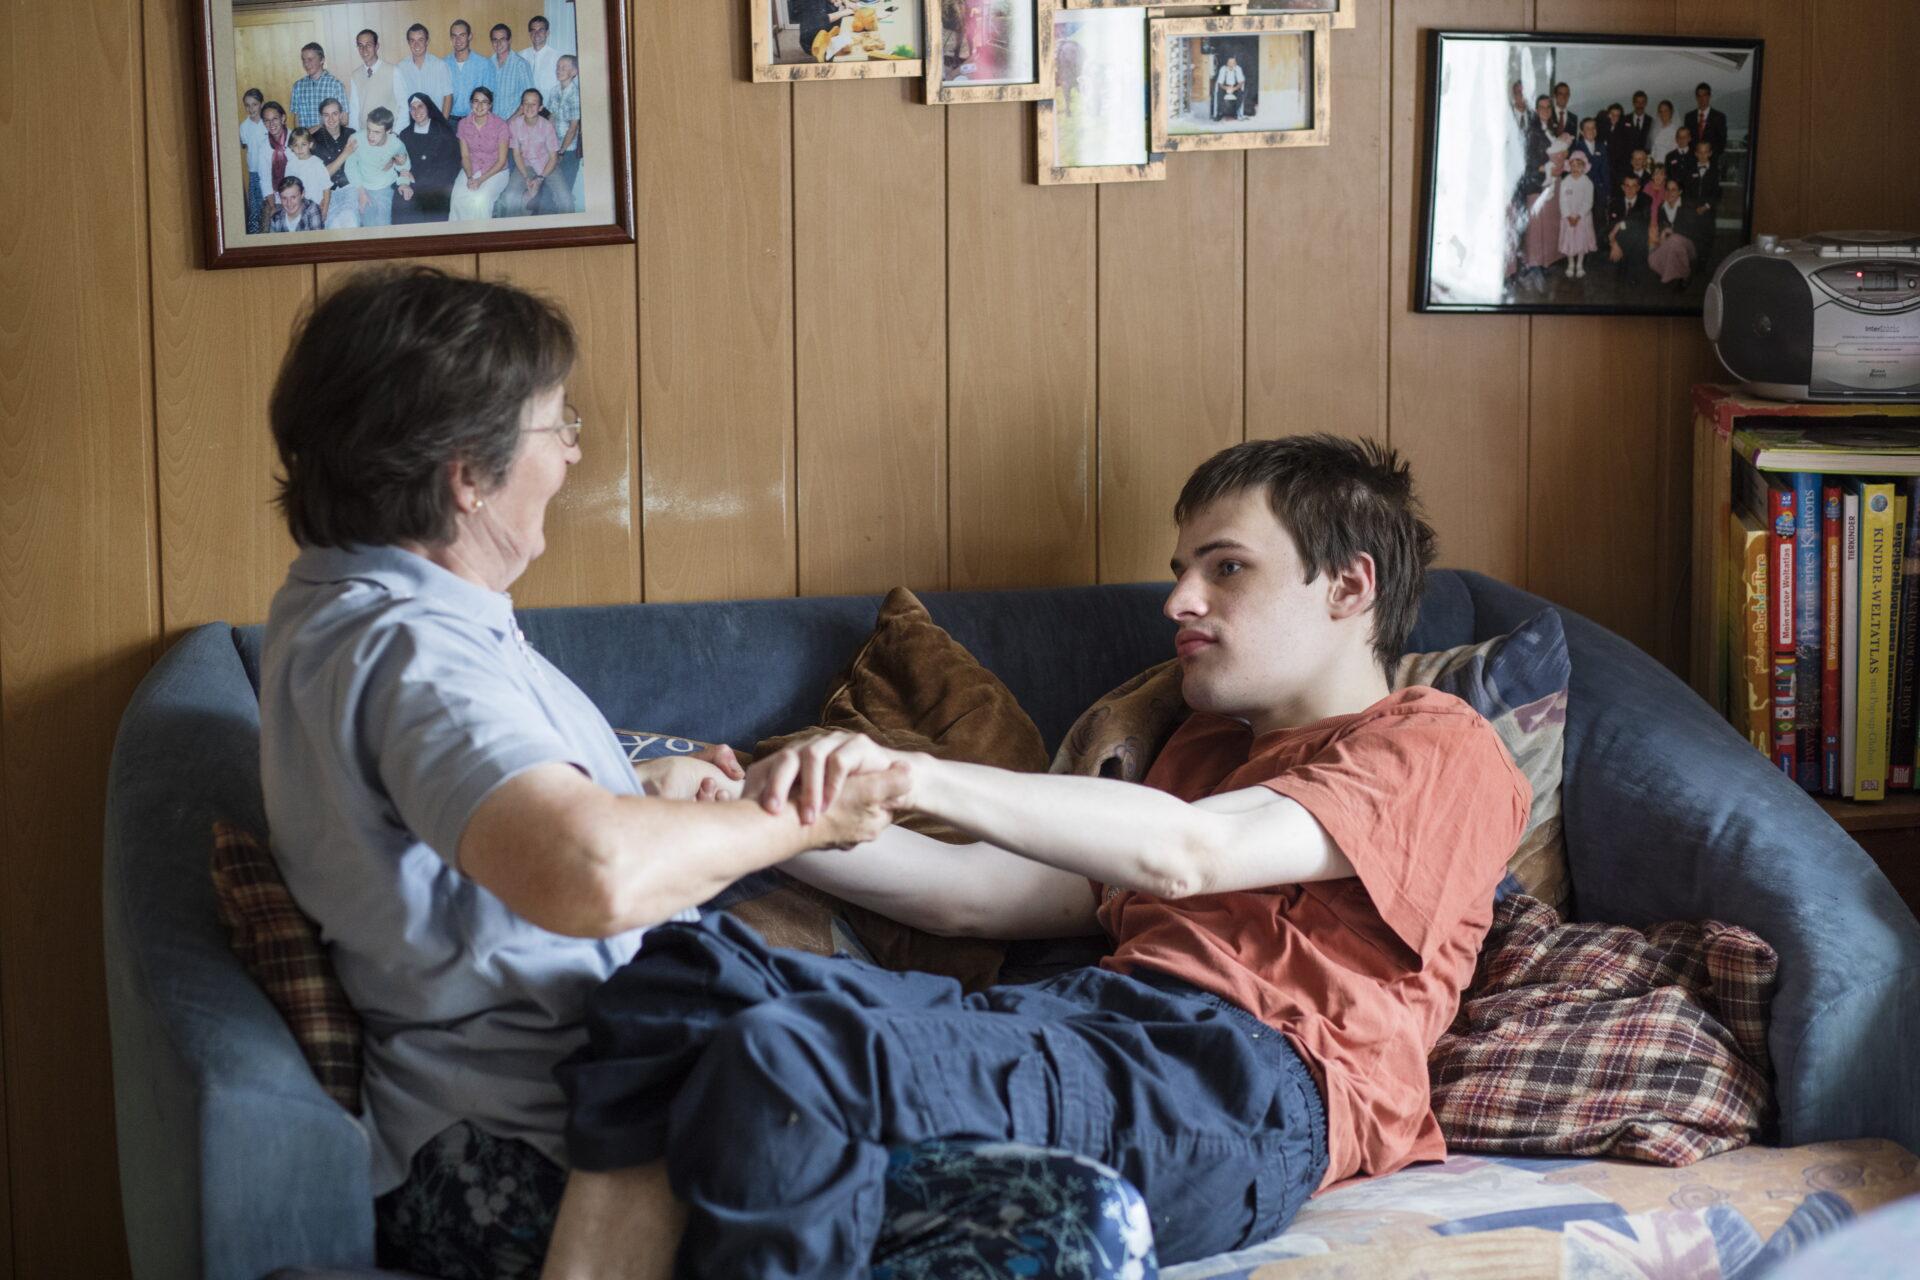 Une mère aide son fils allongé sur un canapé.